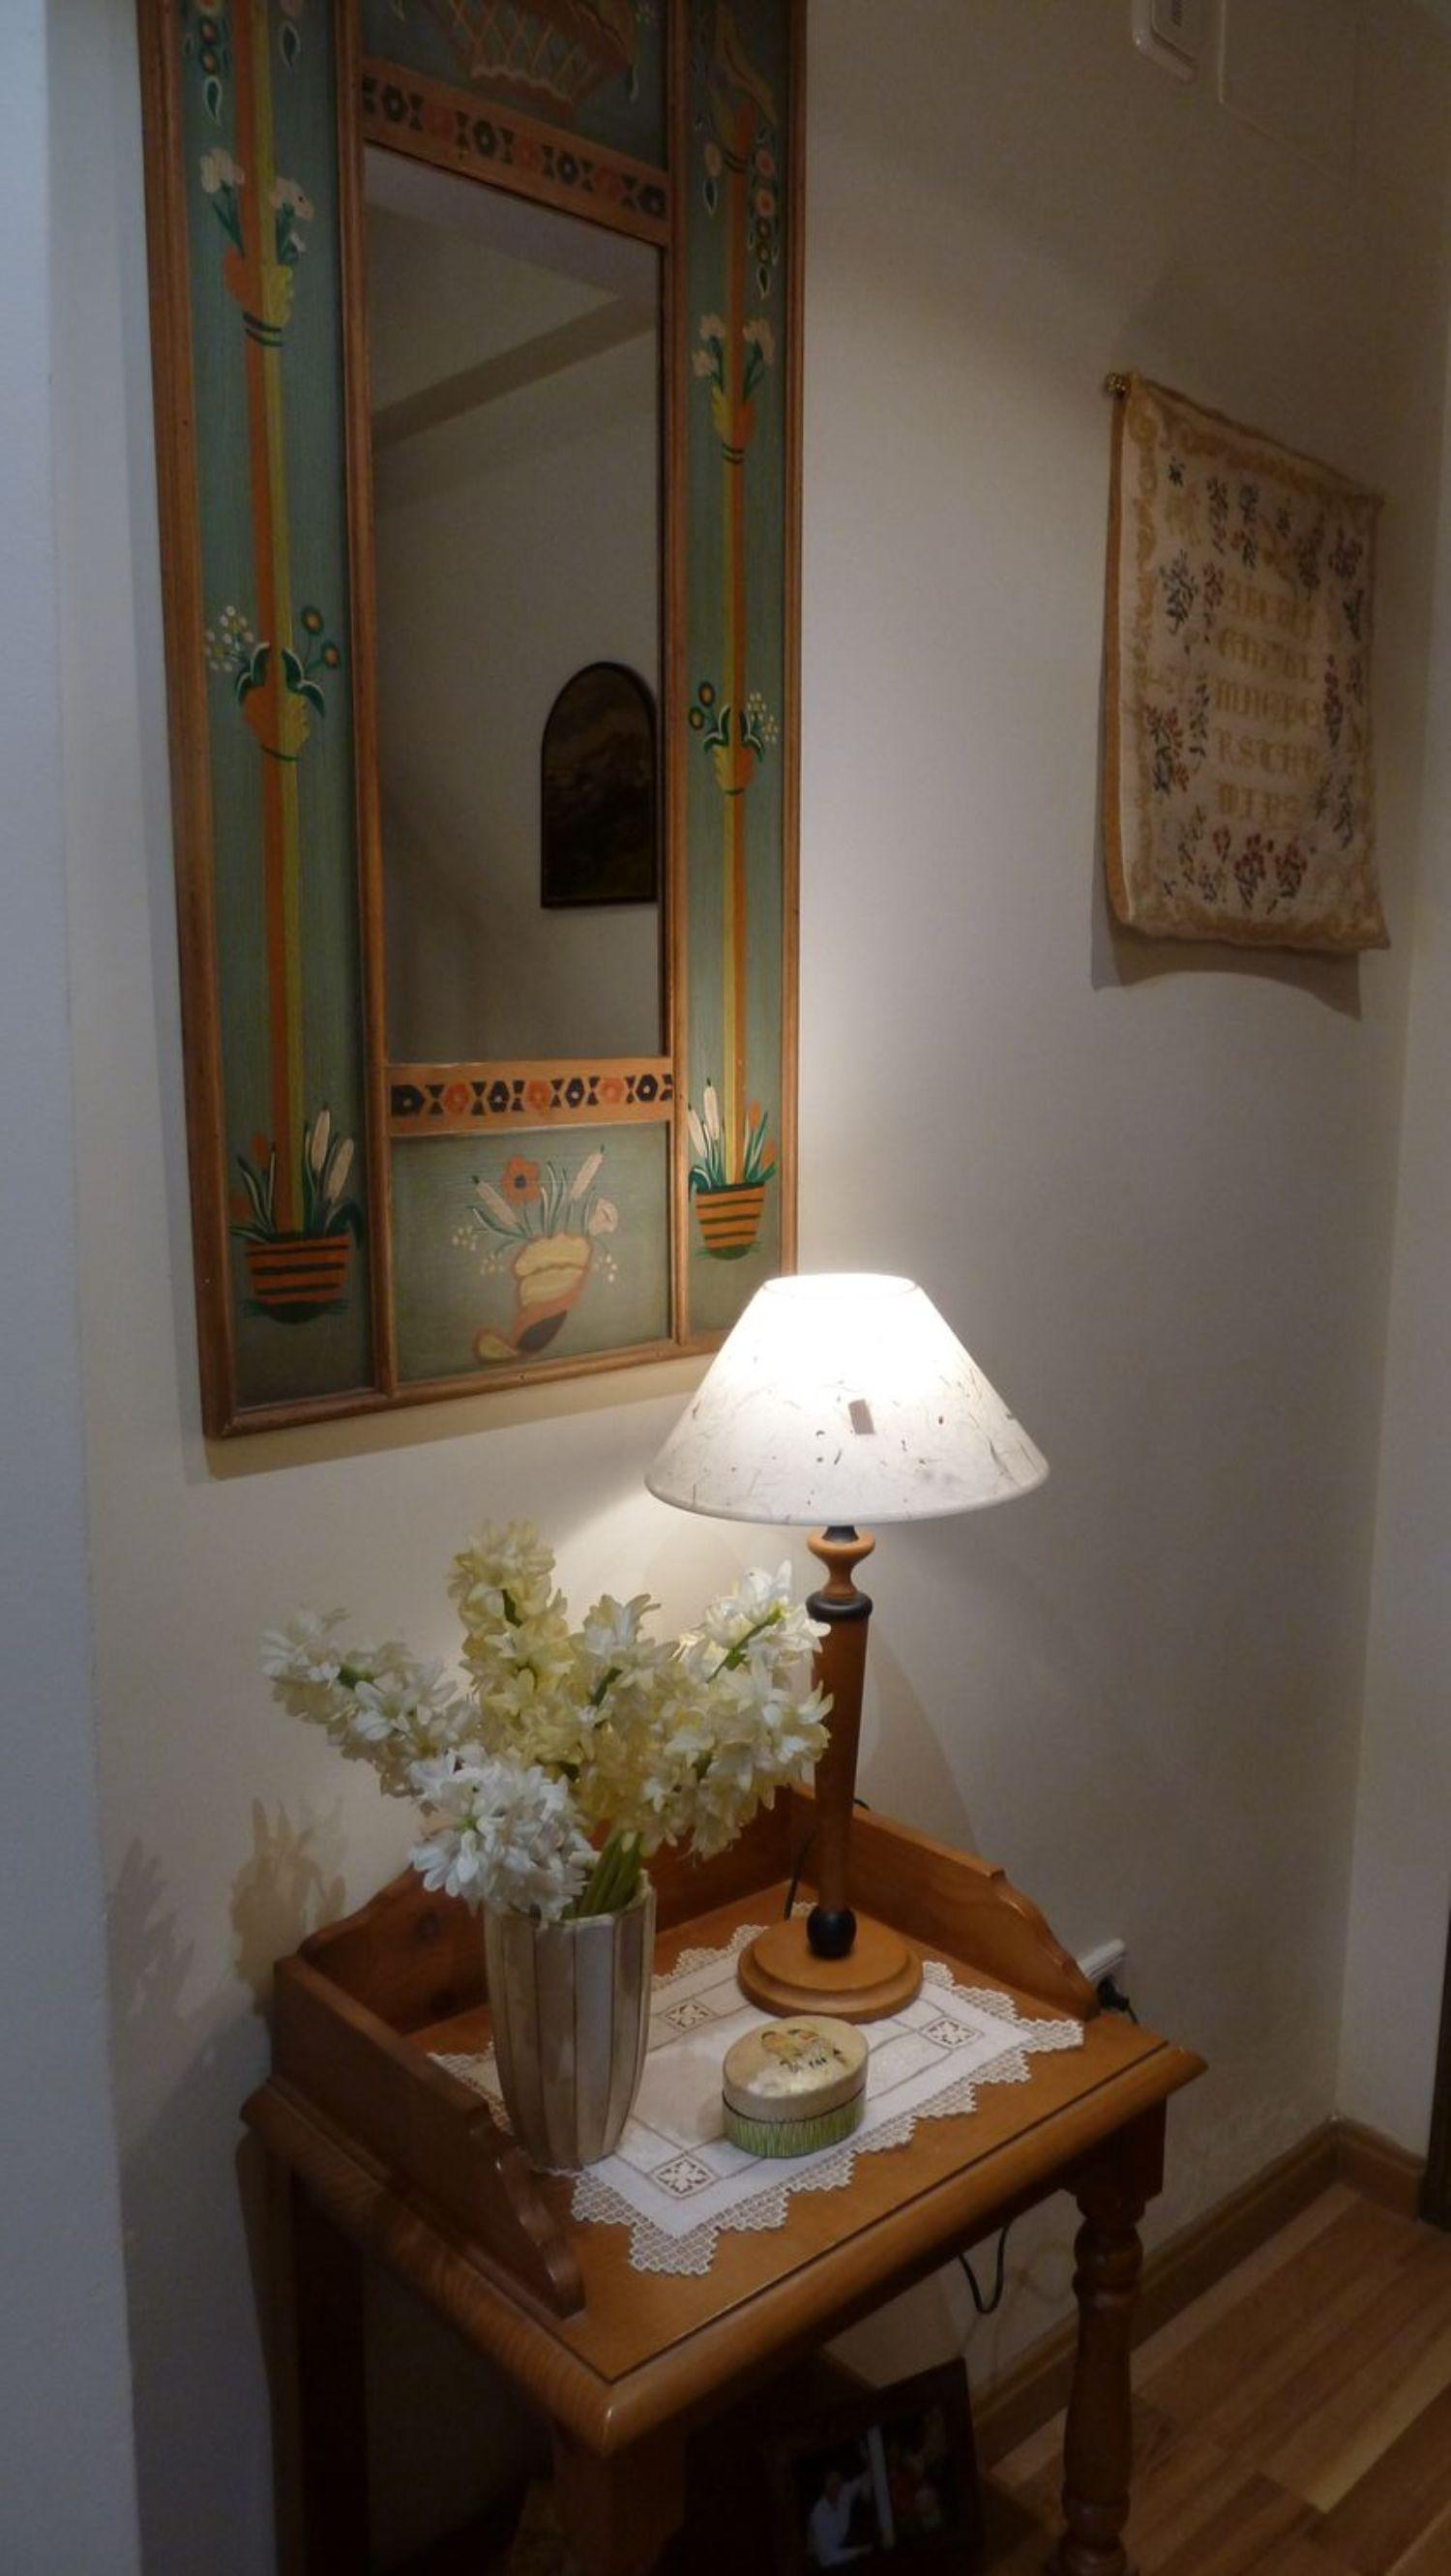 Casa Chalet Adosado En Venta Bachatos 1 Biescas # Muebles Biescas